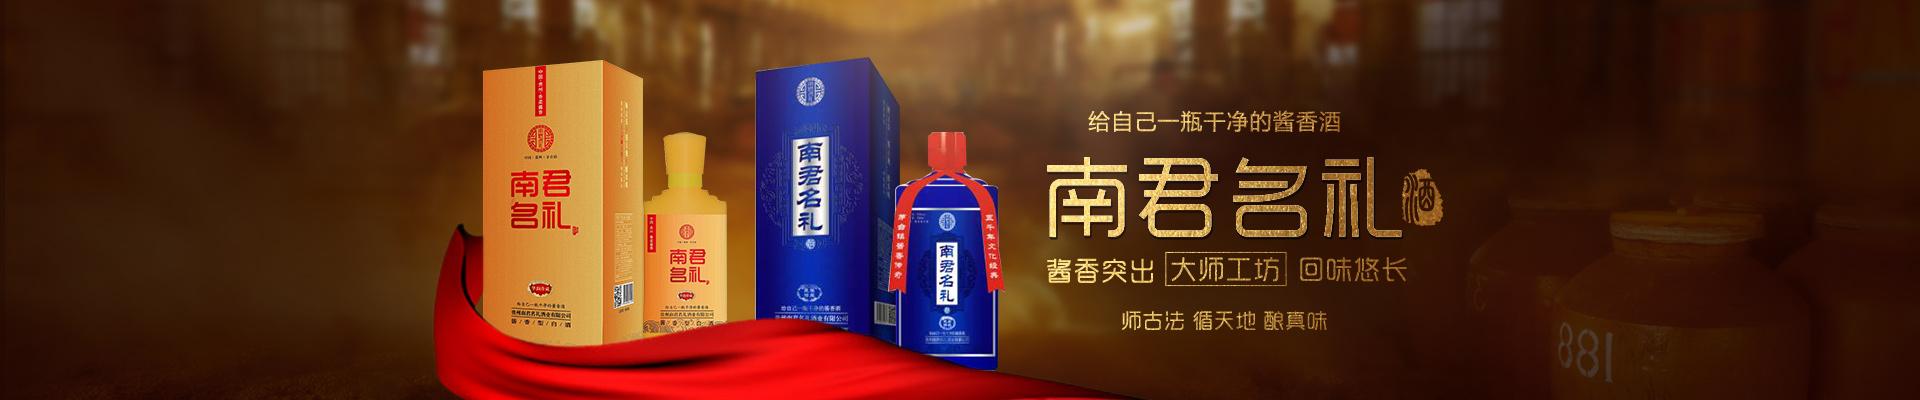 贵州南君名礼(酱香馆)酒业有限公司